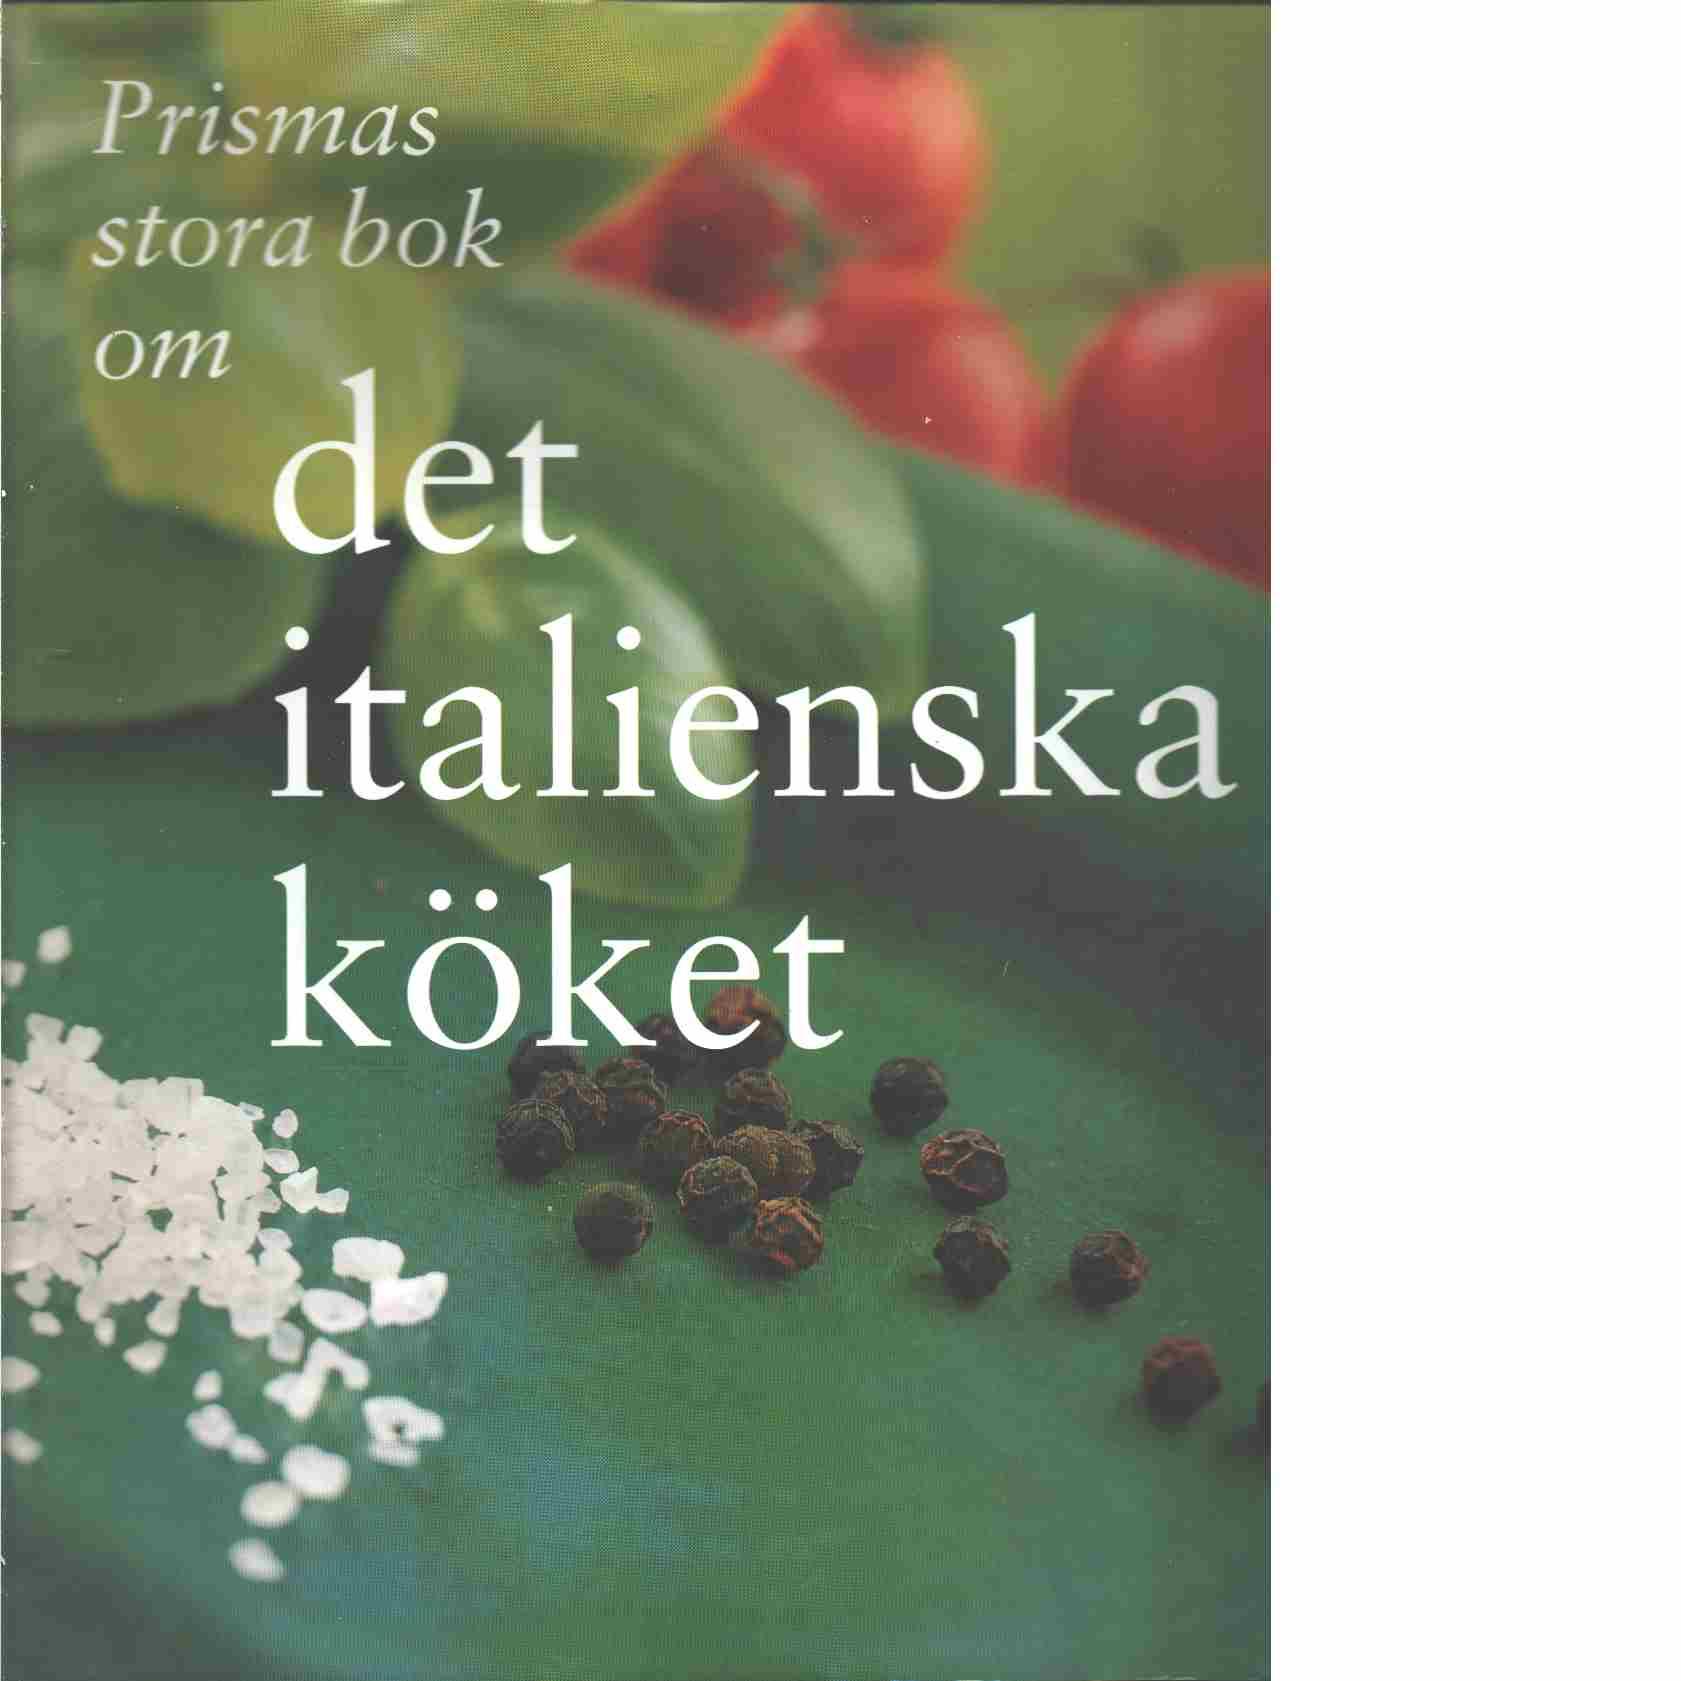 Prismas stora bok om det italienska köket - Red.